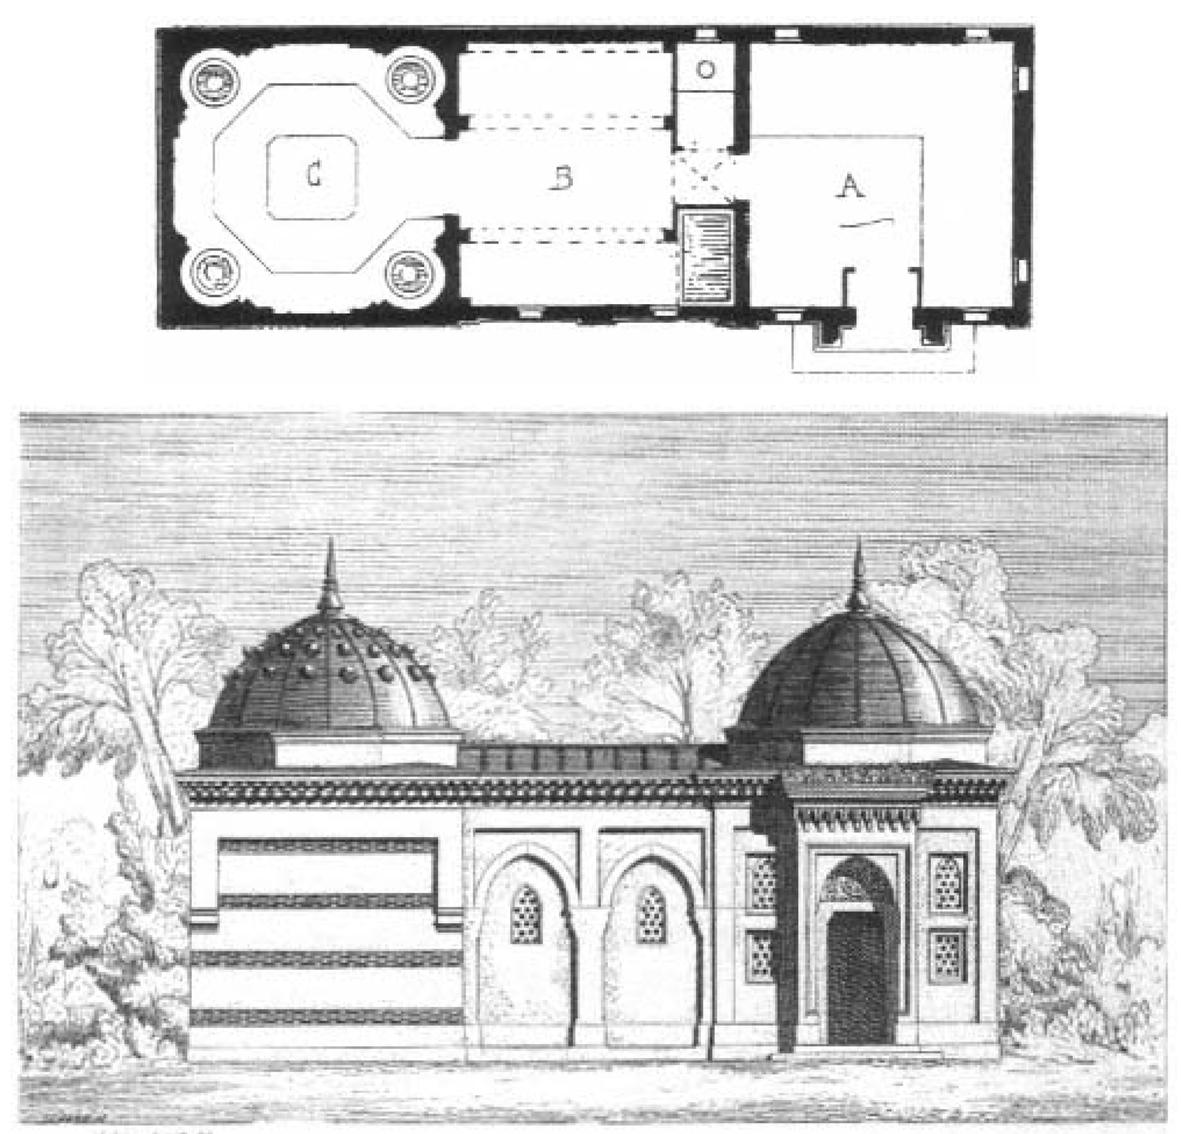 1867 Paris Fuarında Osmanlı Pavyonunda Sergilnen Hamam